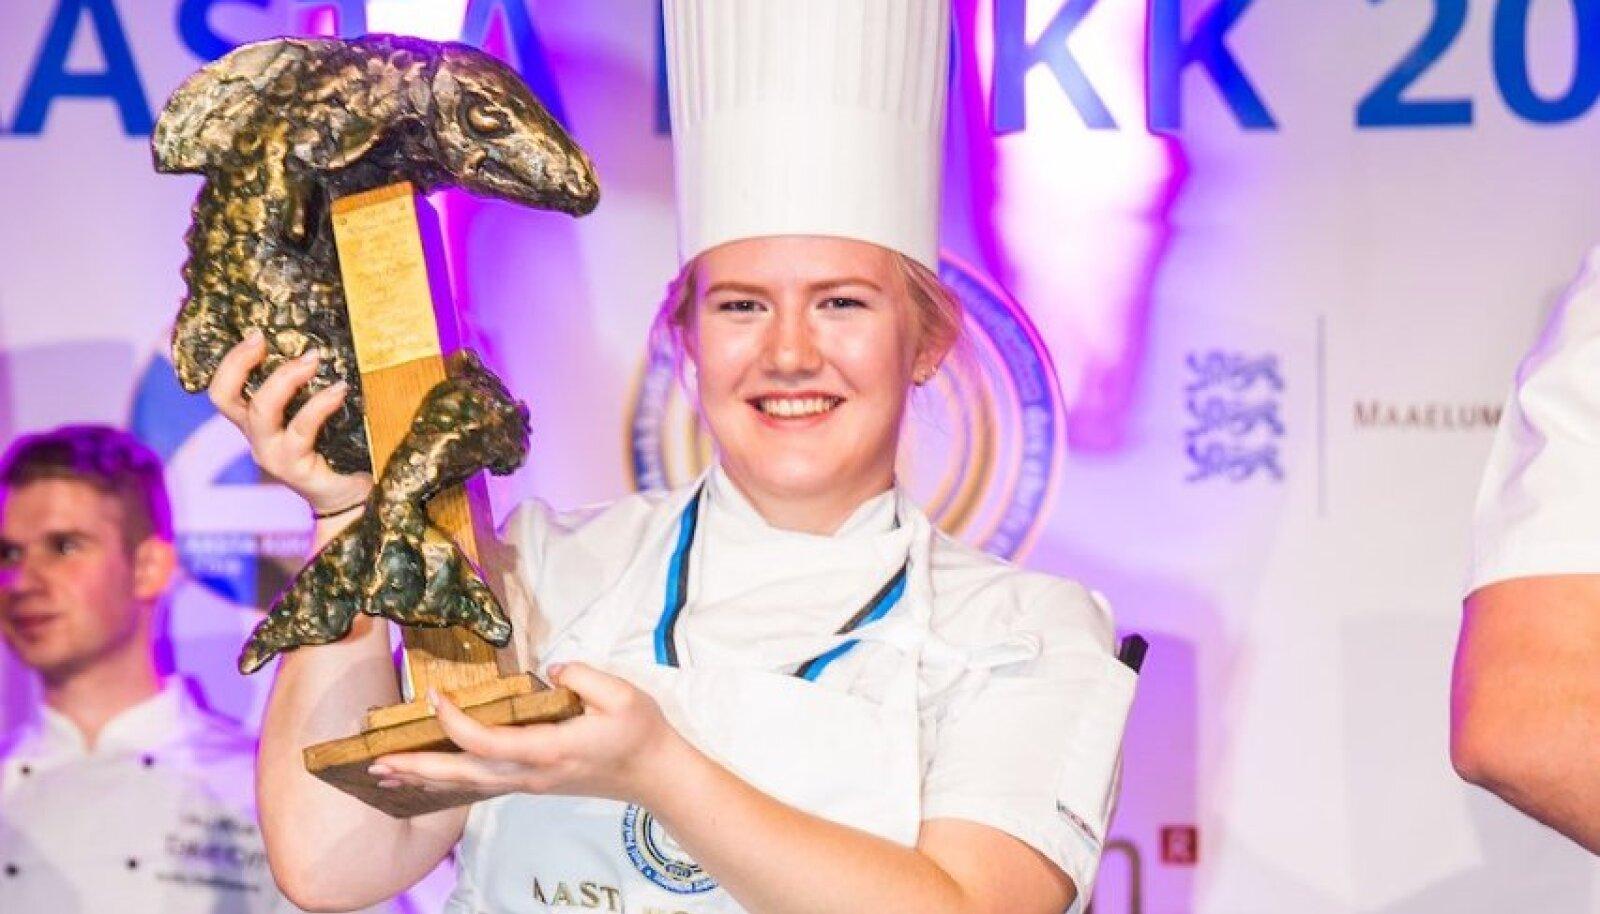 Aasta kokk 2019 Cätlyn Priks.